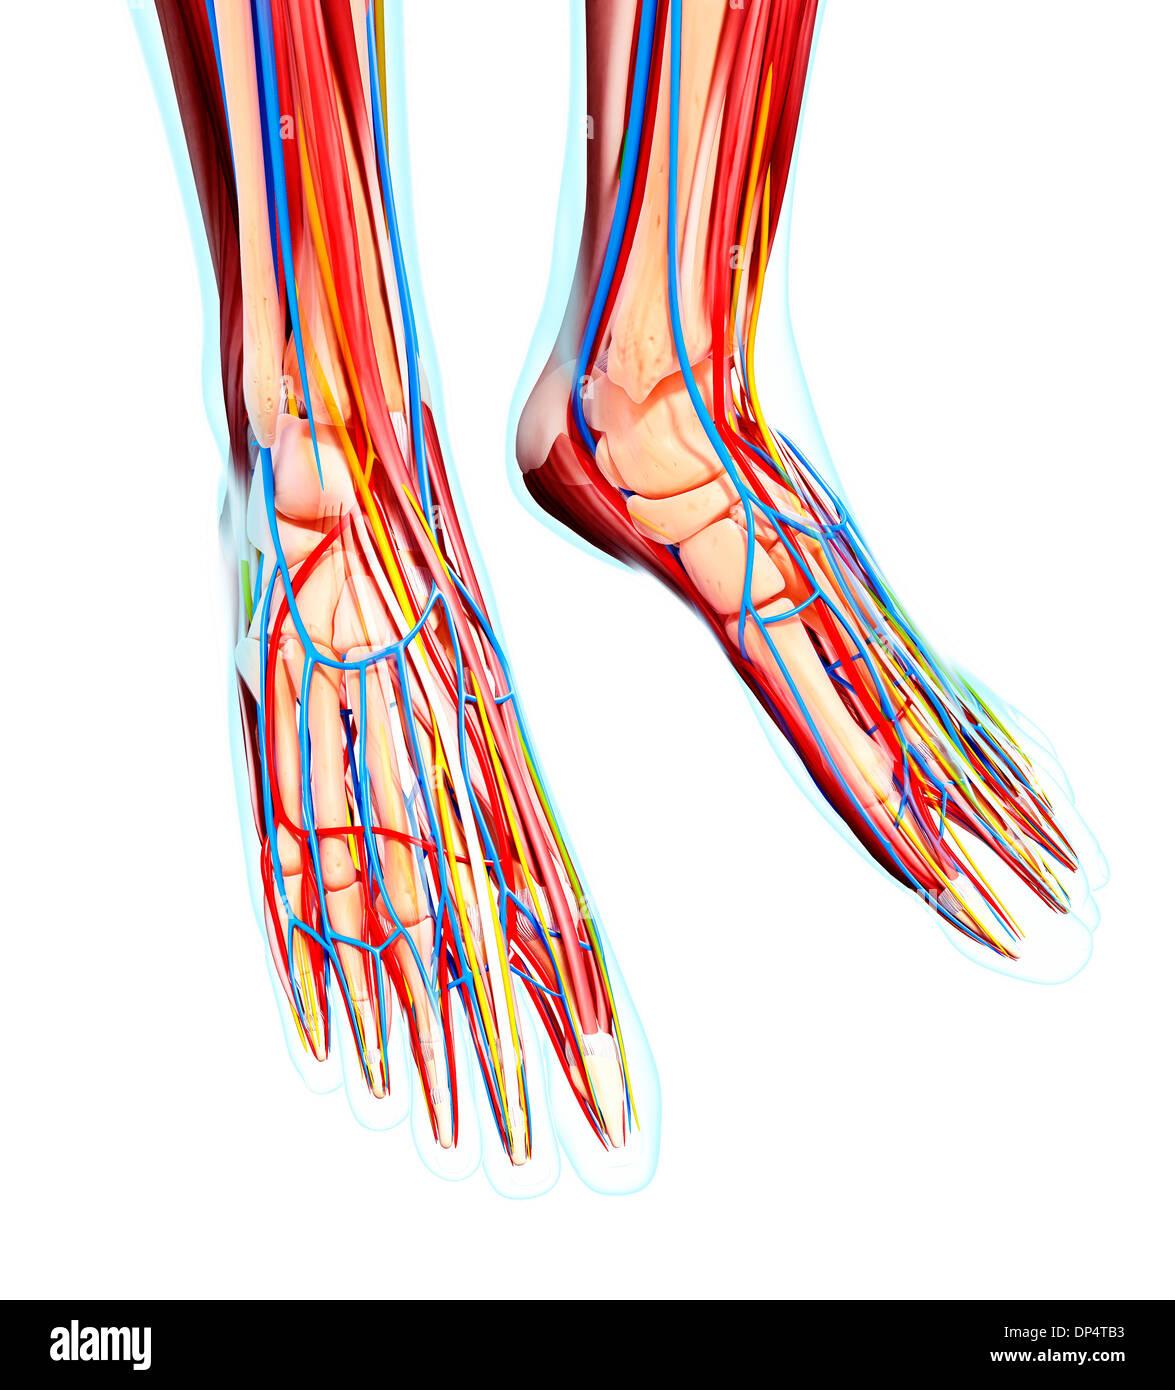 Anatomie des menschlichen Fußes, artwork Stockfoto, Bild: 65260471 ...